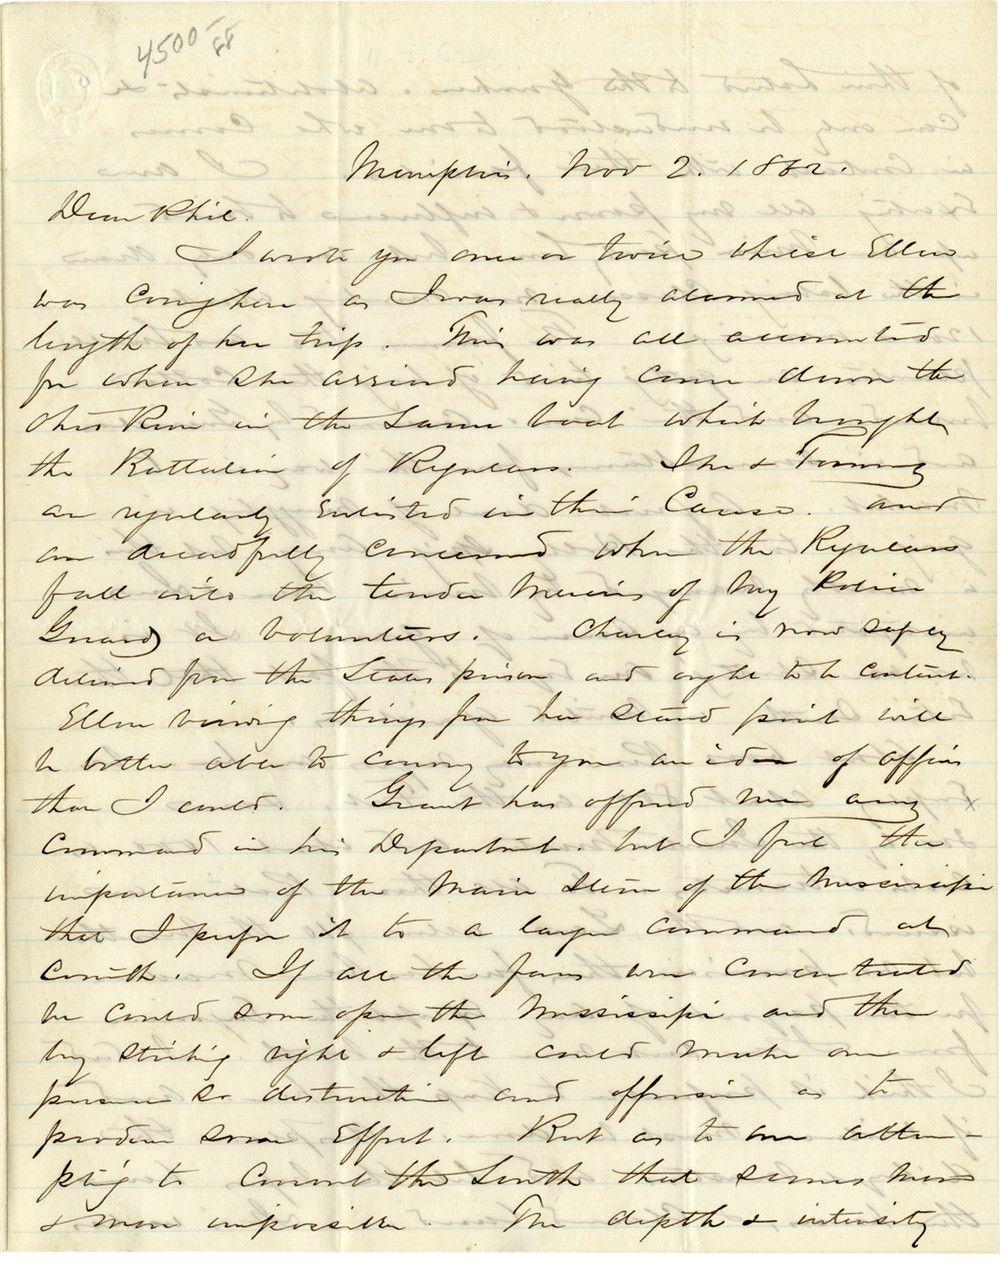 William Tecumseh Sherman Vents Anti-Semitic Prejudices, Discusses Runaway Slaves, & Sketches Total War